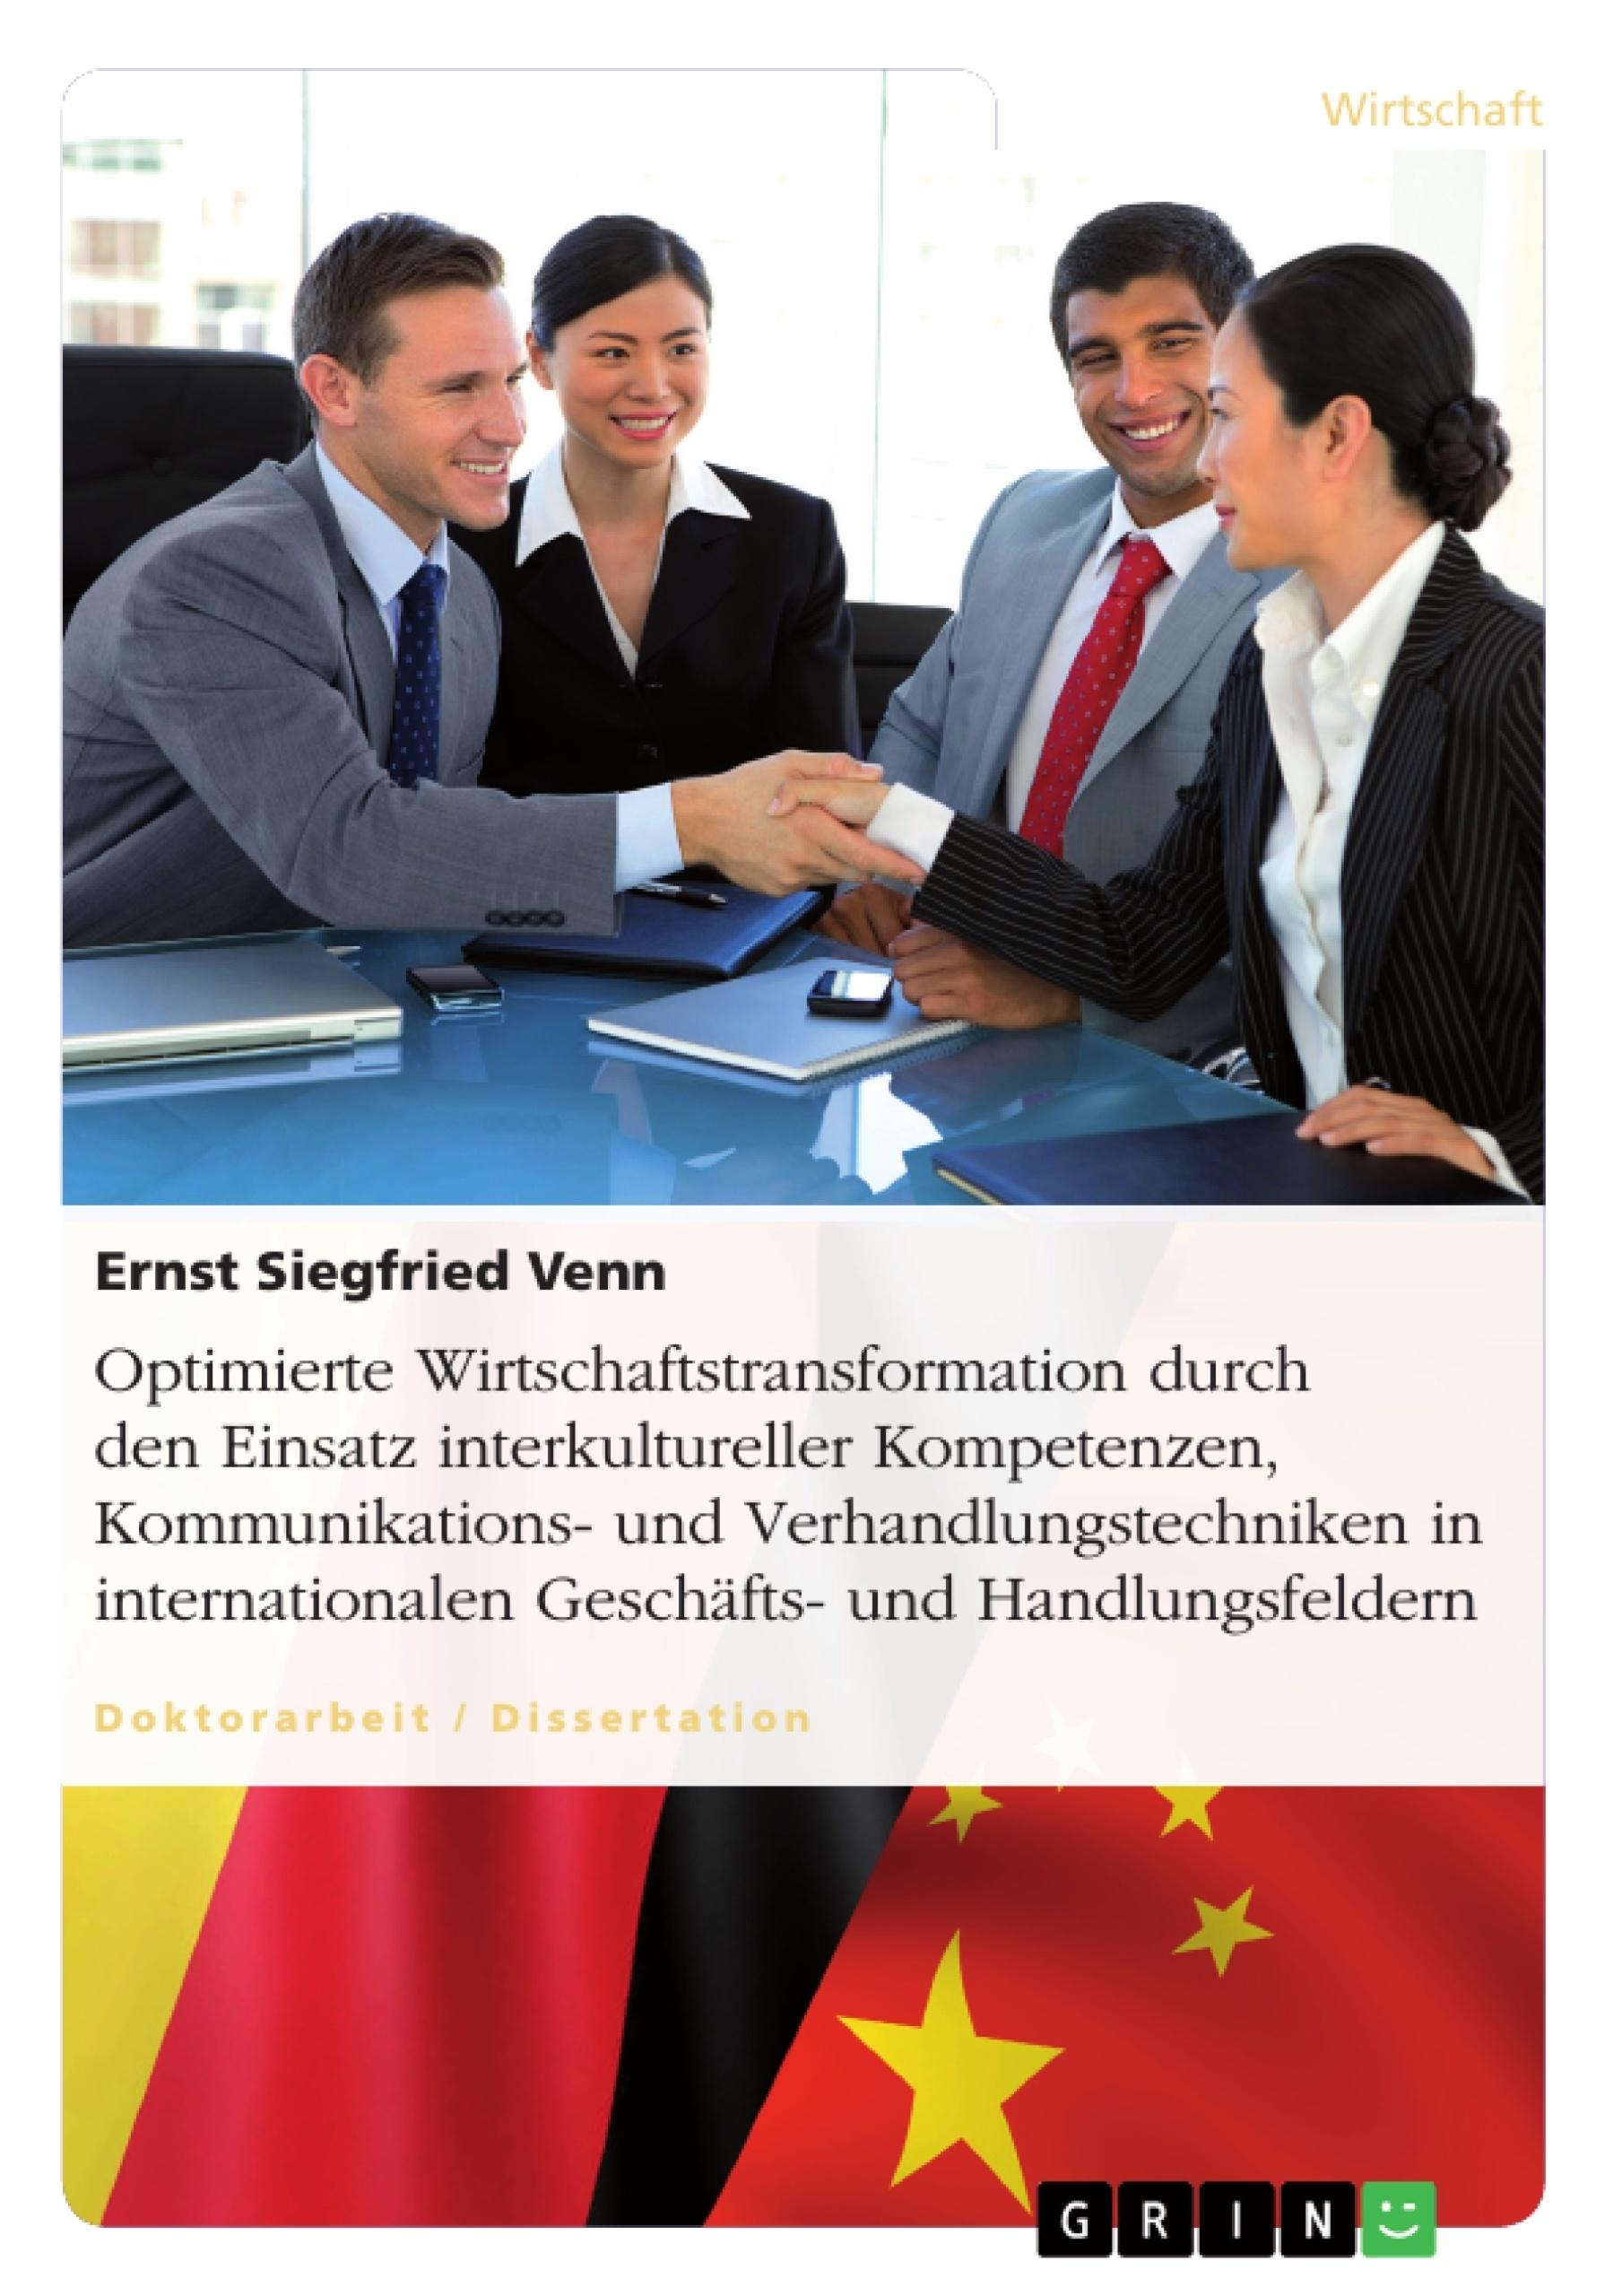 Titel: Optimierte Wirtschaftstransformation durch den Einsatz interkultureller Kompetenzen, Kommunikations- und Verhandlungstechniken in internationalen Geschäfts- und Handlungsfeldern